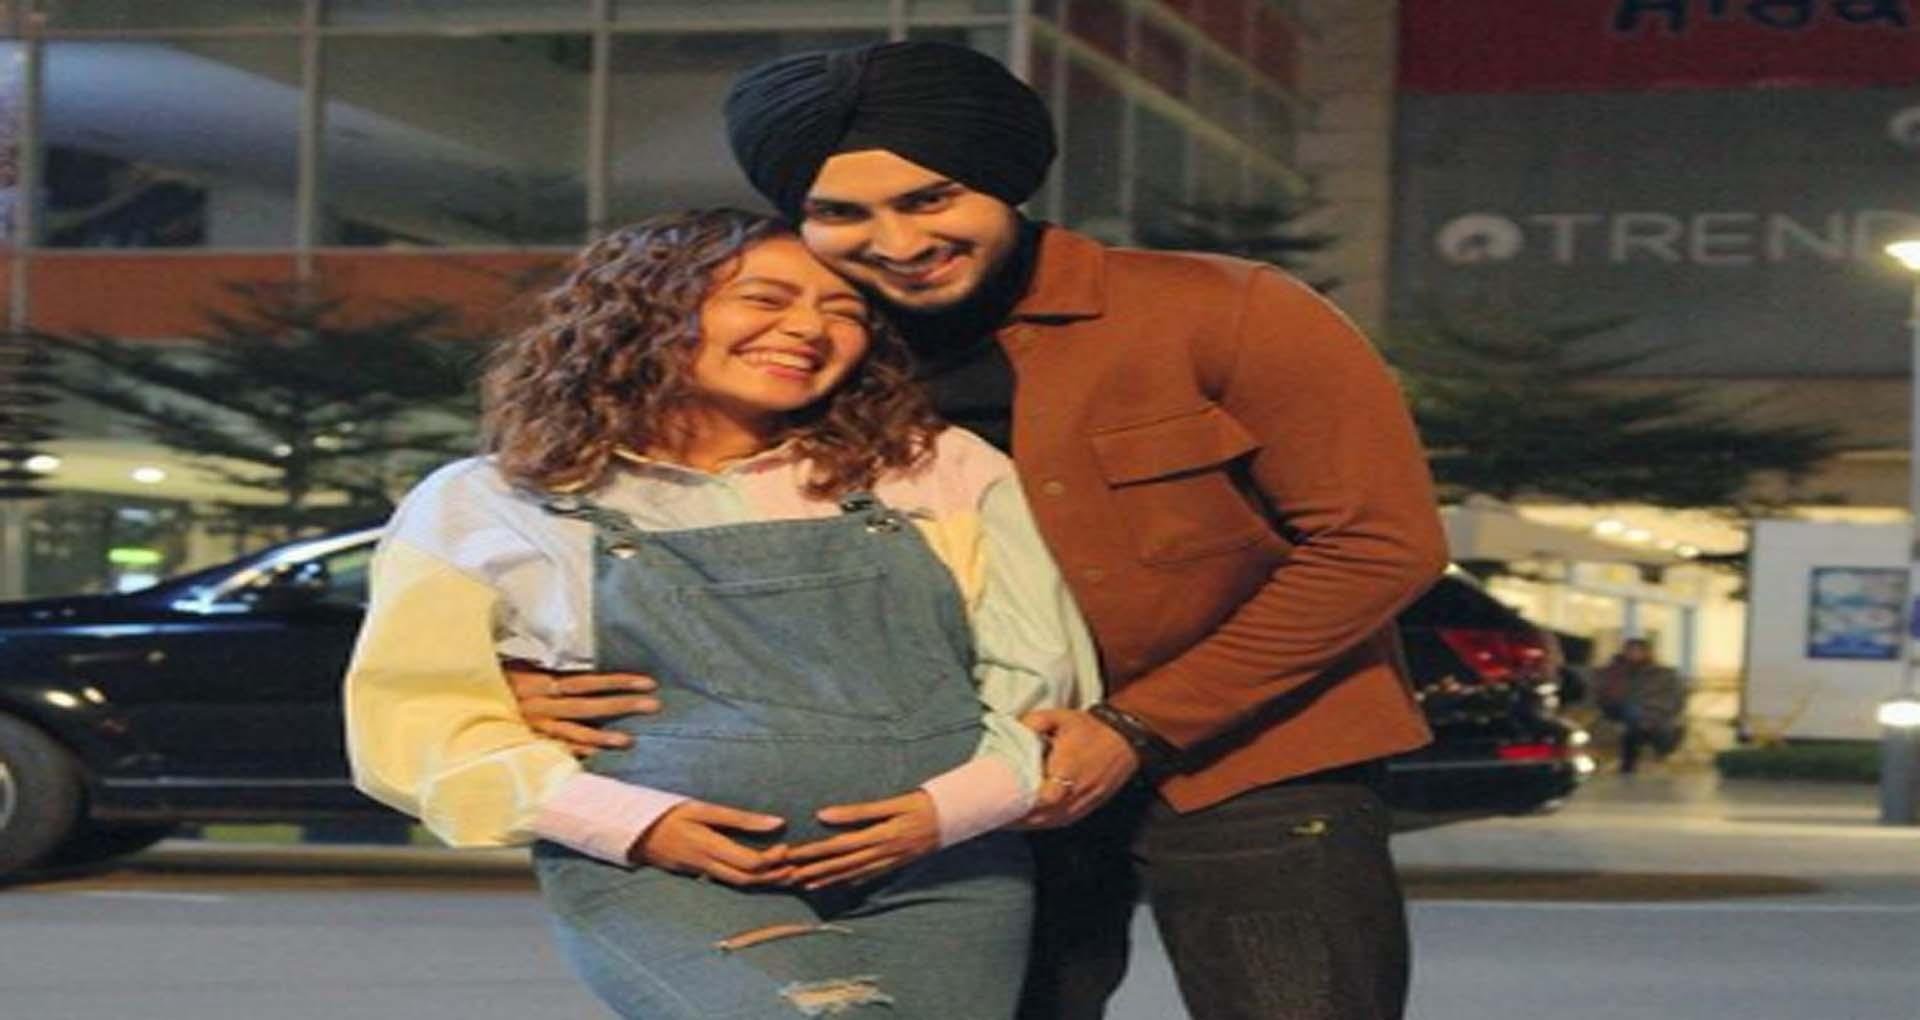 नेहा कक्कड़ और रोहनप्रीत सिंह के घर आने वाला है नन्हा मेहमान! फोटो शेयर कर दी खुशखबरी